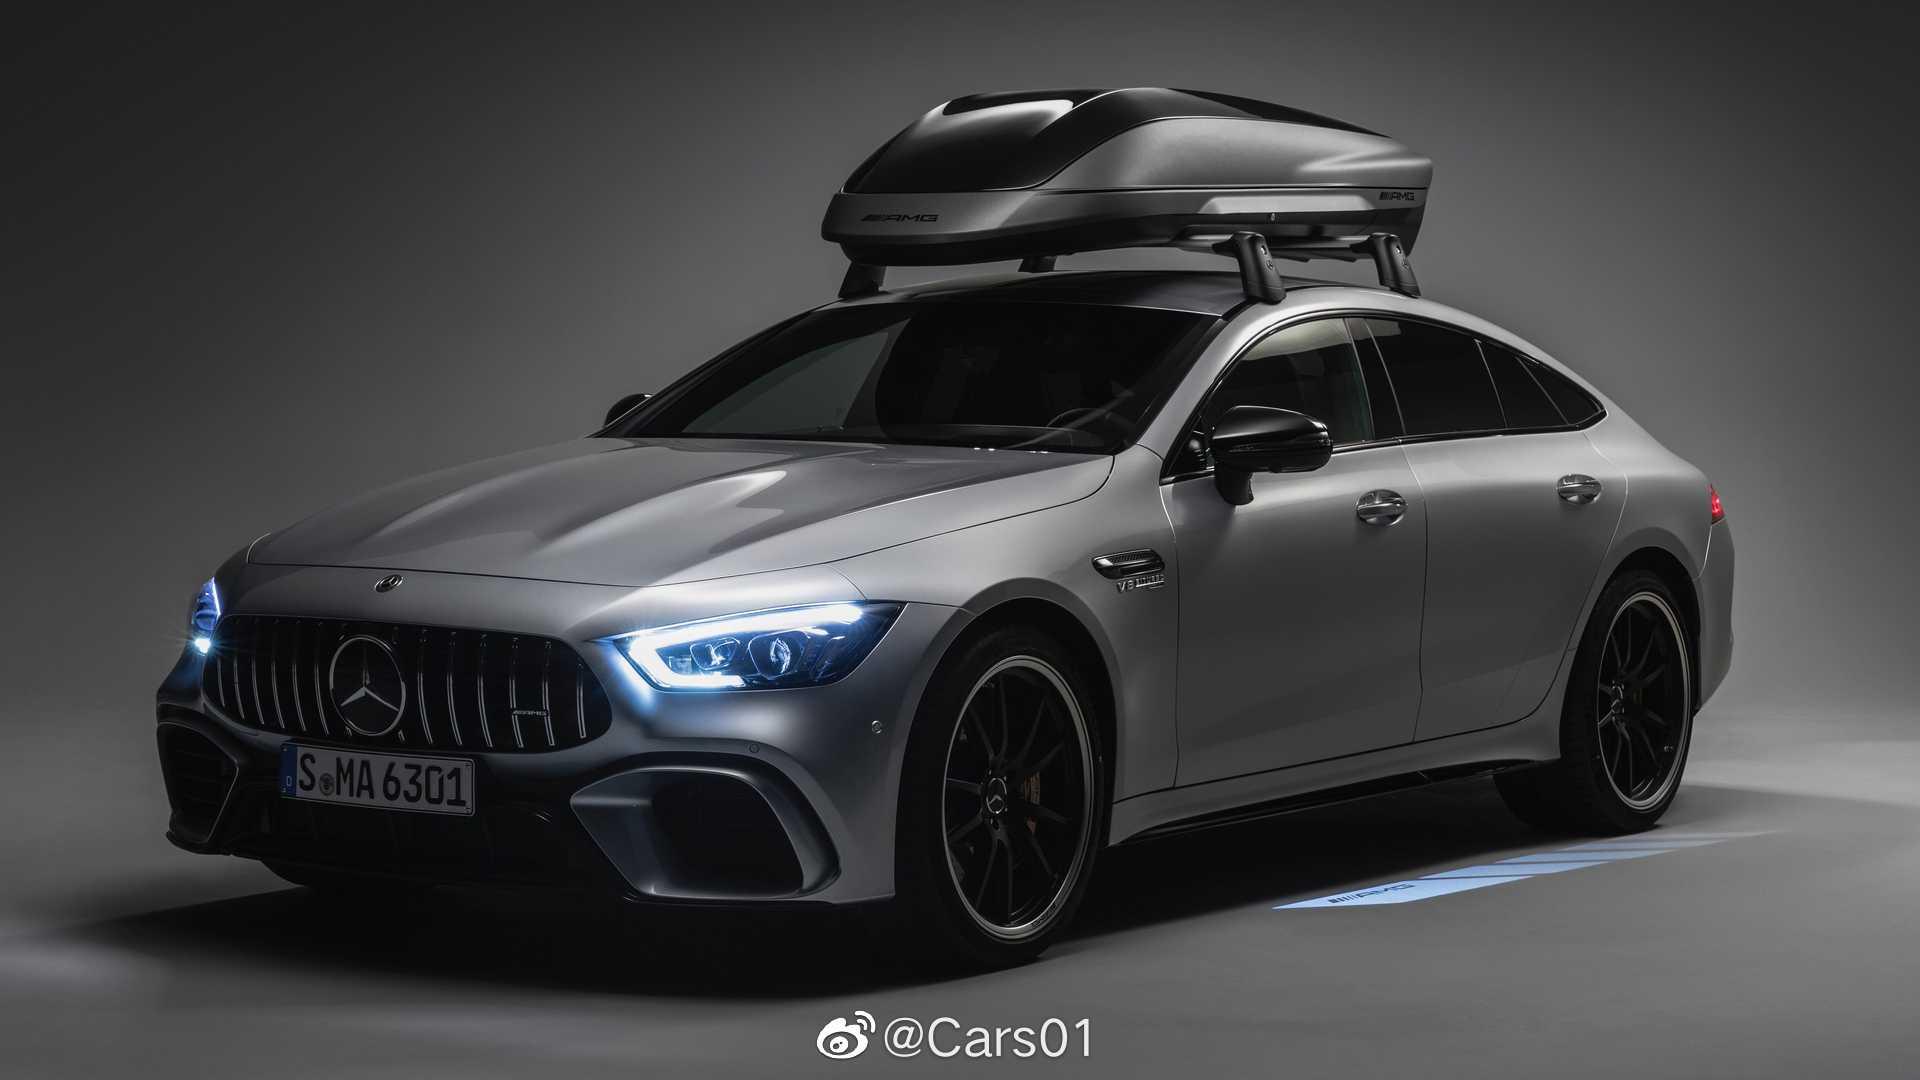 梅赛德斯-AMG推出专属车顶行李箱套件,提供轿跑和旅行车两种款式